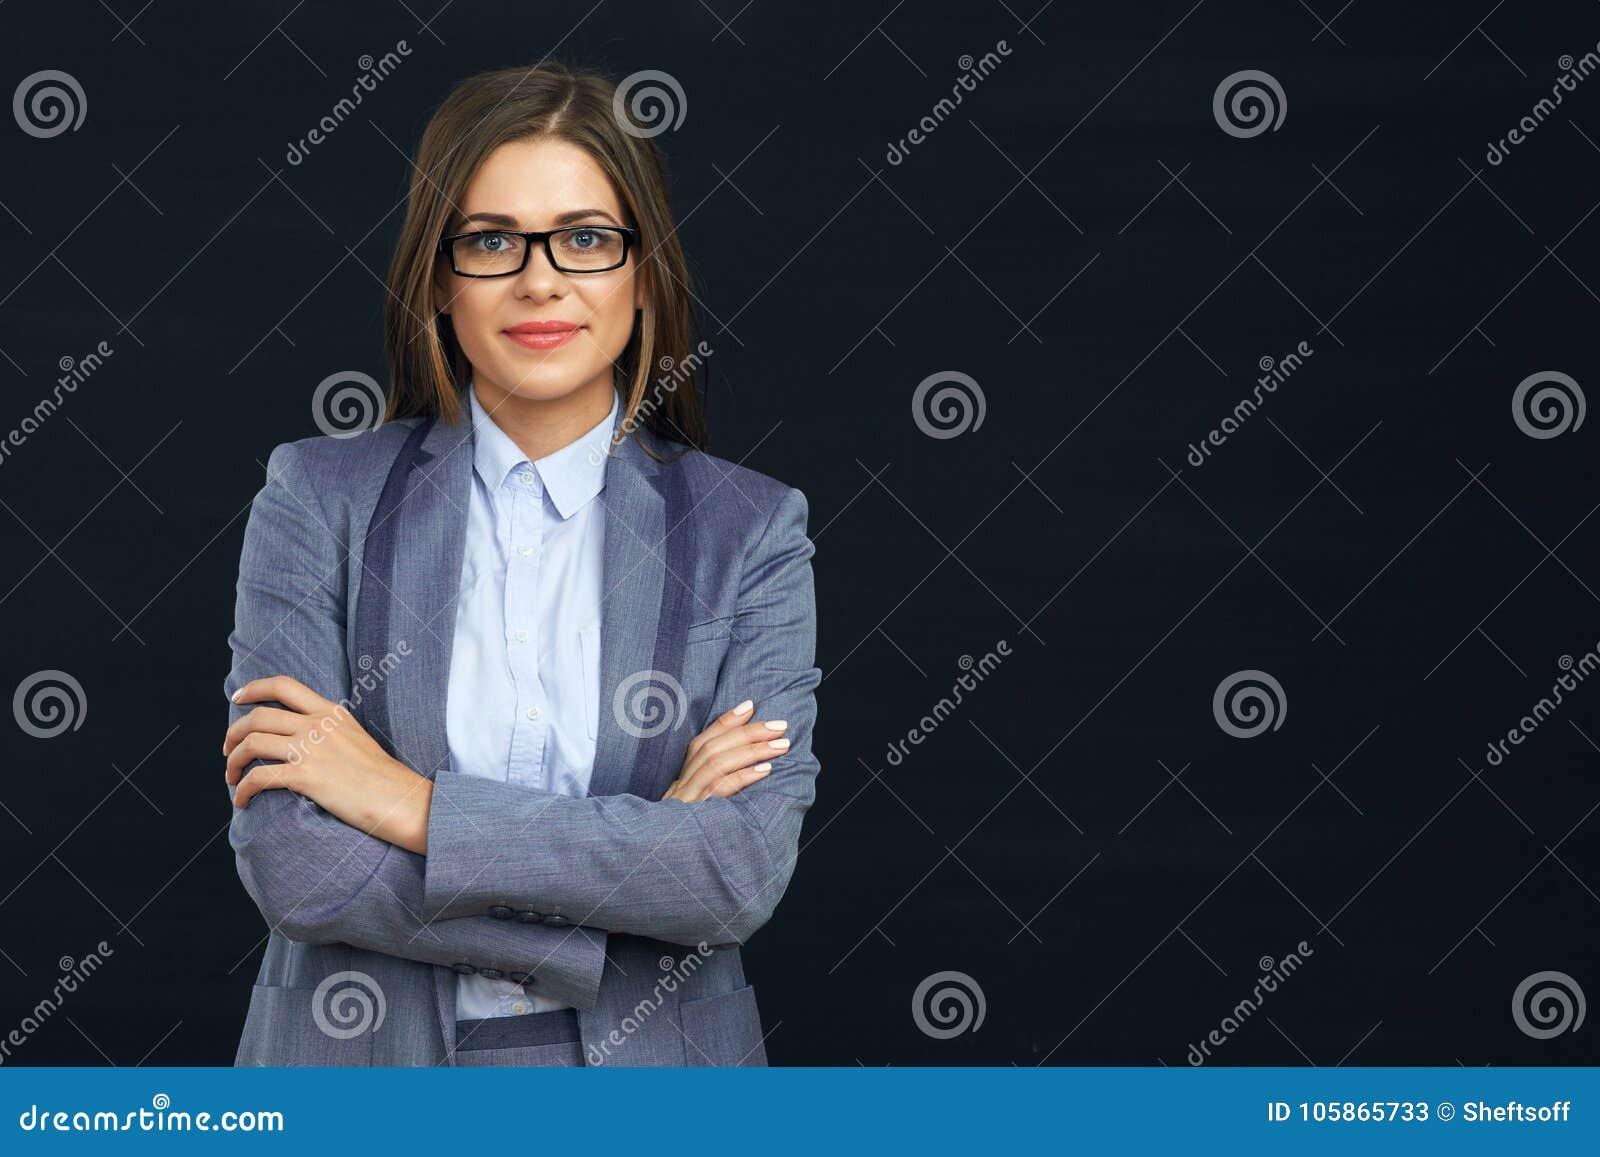 Le affärskvinnan med glasögon korsade armar